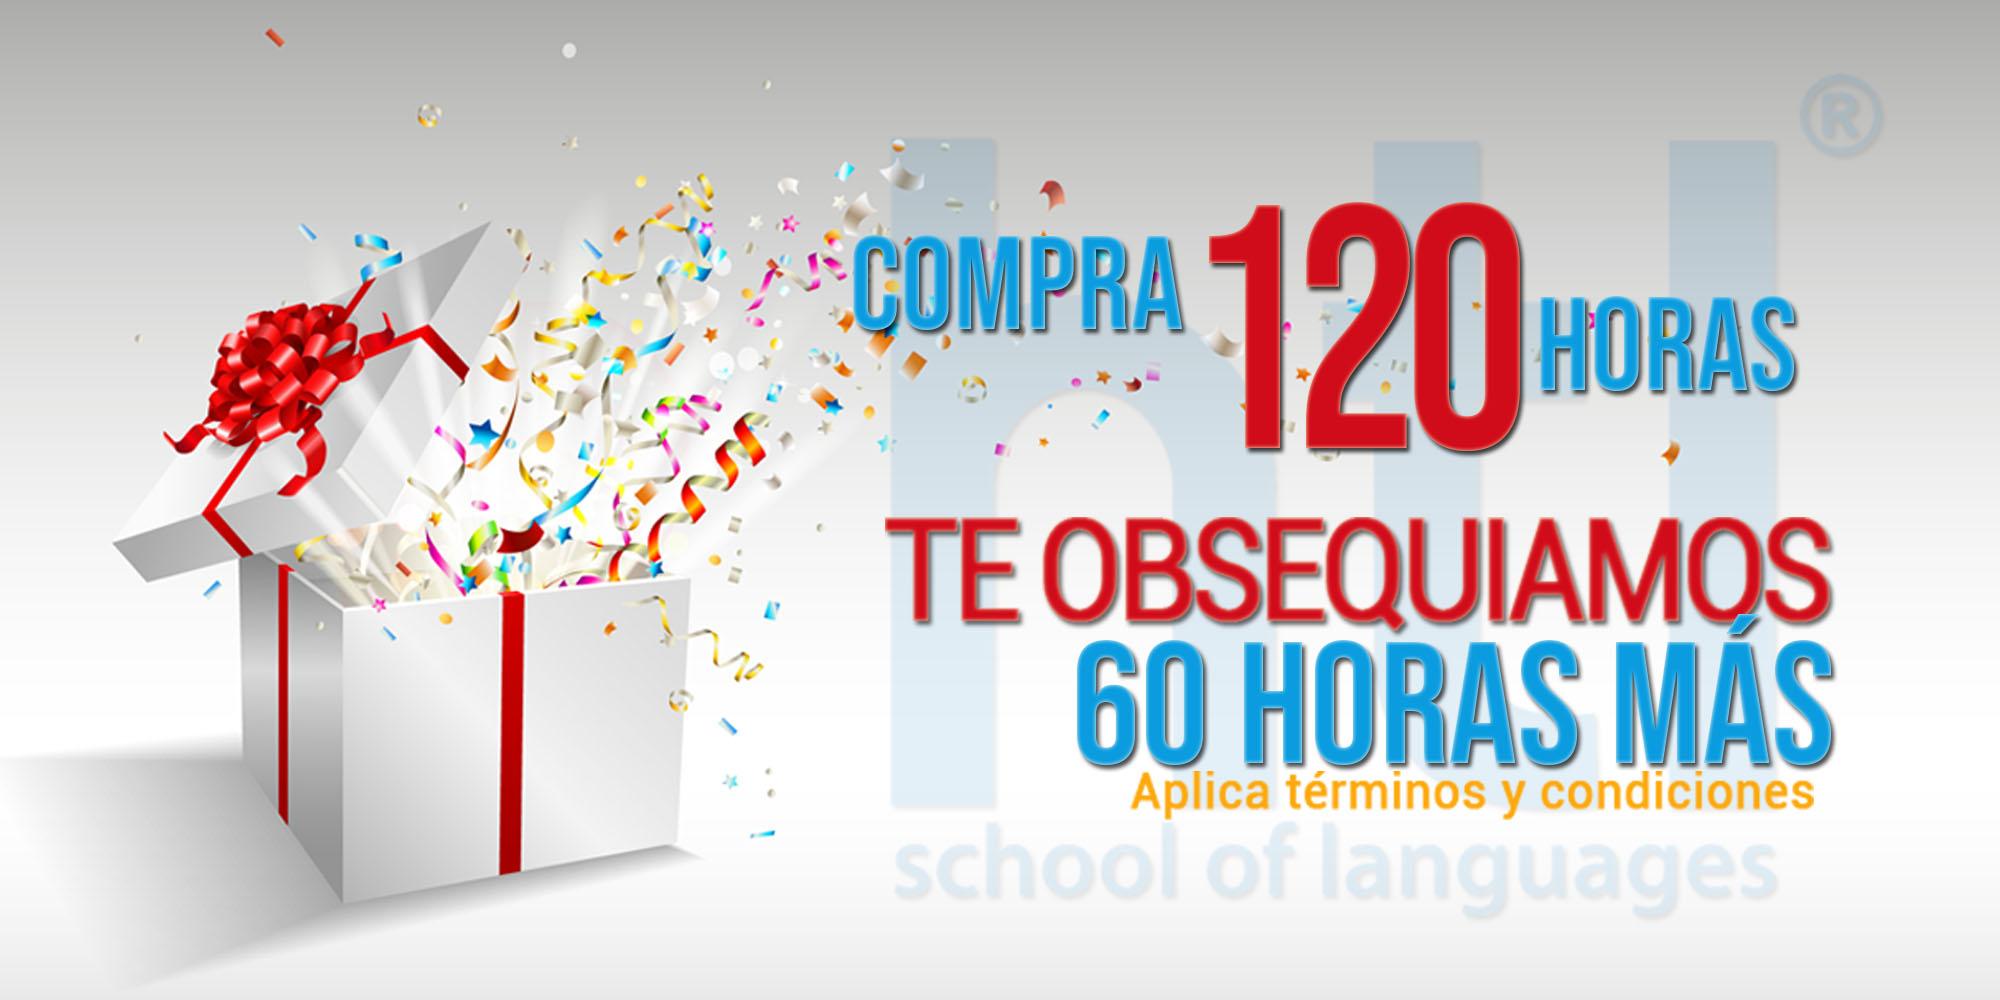 Escuela de Idiomas Bogota, Cursos de idiomas en Bogota, Cursos de Idiomas, Curso de Idiomas promociones, Promoción de Cursos de Idiomas en vacaciones, niños idiomas, curso de inglés para niños